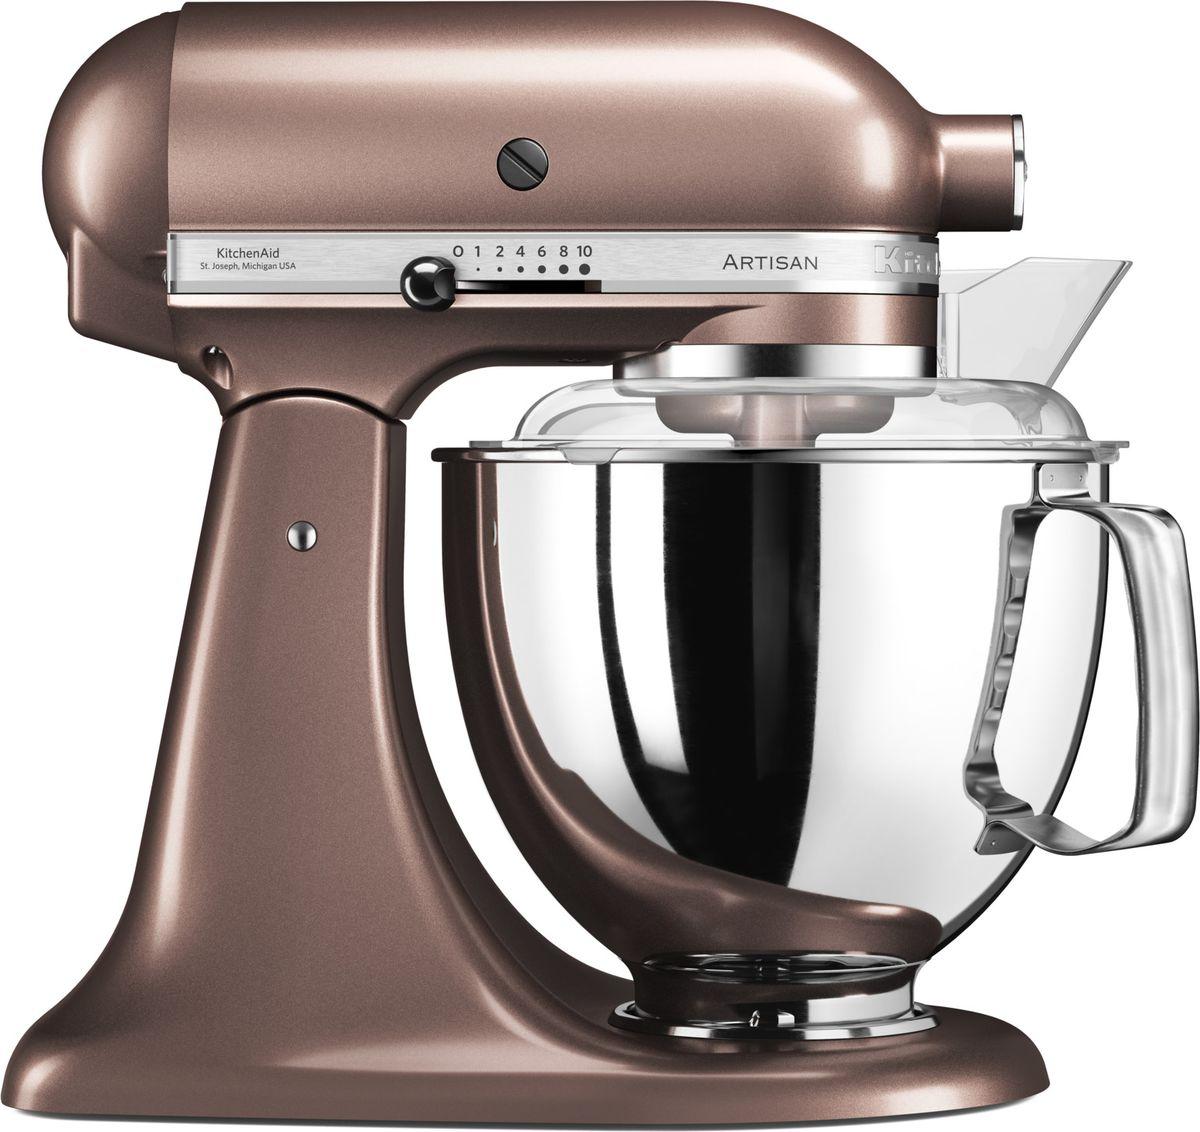 KitchenAid Artisan, Light Brown миксер планетарный (5KSM175PSEAP)5KSM175PSEAPМиксер KitchenAid Artisan - это уникальное многофункциональное устройство, практически не имеющее аналогов на рынке техники для дома и кухни. Сочетание классического элегантного дизайна и высокой мощности, соответствующей стандартам профессионального оборудования, делает этот миксер фаворитом не только на домашней кухне, но и на рабочем столе мастеров поварского искусства.Откидывающаяся головка миксера KitchenAid Artisan позволяет легко менять насадки и устанавливать чашу. Миксер имеет 10 скоростных режимов, от медленного смешивания до высокоскоростного взбивания. Базовая комплектация миксера включает: чашу объемом 4,83 литра, крюк для теста, венчик для взбивания, насадку-лопатку для перемешивания, крышку для чаши и защитный обод с воронкой для засыпания продуктов. Этого набора достаточно, чтобы миксер успешно выполнял базовые функции.В передней части привода миксера KitchenAid имеется еще одно гнездо для подсоединения дополнительных насадок. Они позволяют значительно расширить функции миксера, превращая его в настоящий кухонный комбайн. Планетарный миксер KitchenAid Artisan избавит вас от необходимости покупать несколько разных бытовых приборов для кухни. Его высокая мощность и уникальная конструкция позволяют готовить даже сложные блюда на высоком профессиональном уровне.Процесс производства миксеров KitchenAid не оставляет сомнений в долговечности этого прибора. Литые детали механизма изготовлены из высококачественной стали. Ручная сборка и тщательная подгонка частей привода обеспечивают низкий уровень шума и вибрации, являются гарантией безупречной работы прибора. Цельнометаллический корпус покрывается прочной цветной эмалью, устойчивой к механическим повреждениям, которая сохраняет привлекательный внешний десятилетиями. Классический дизайн миксеров KitchenAid Artisan станет украшением интерьера любой кухни. Одна из отличительных особенностей этой серии – богатая цветовая гамма.